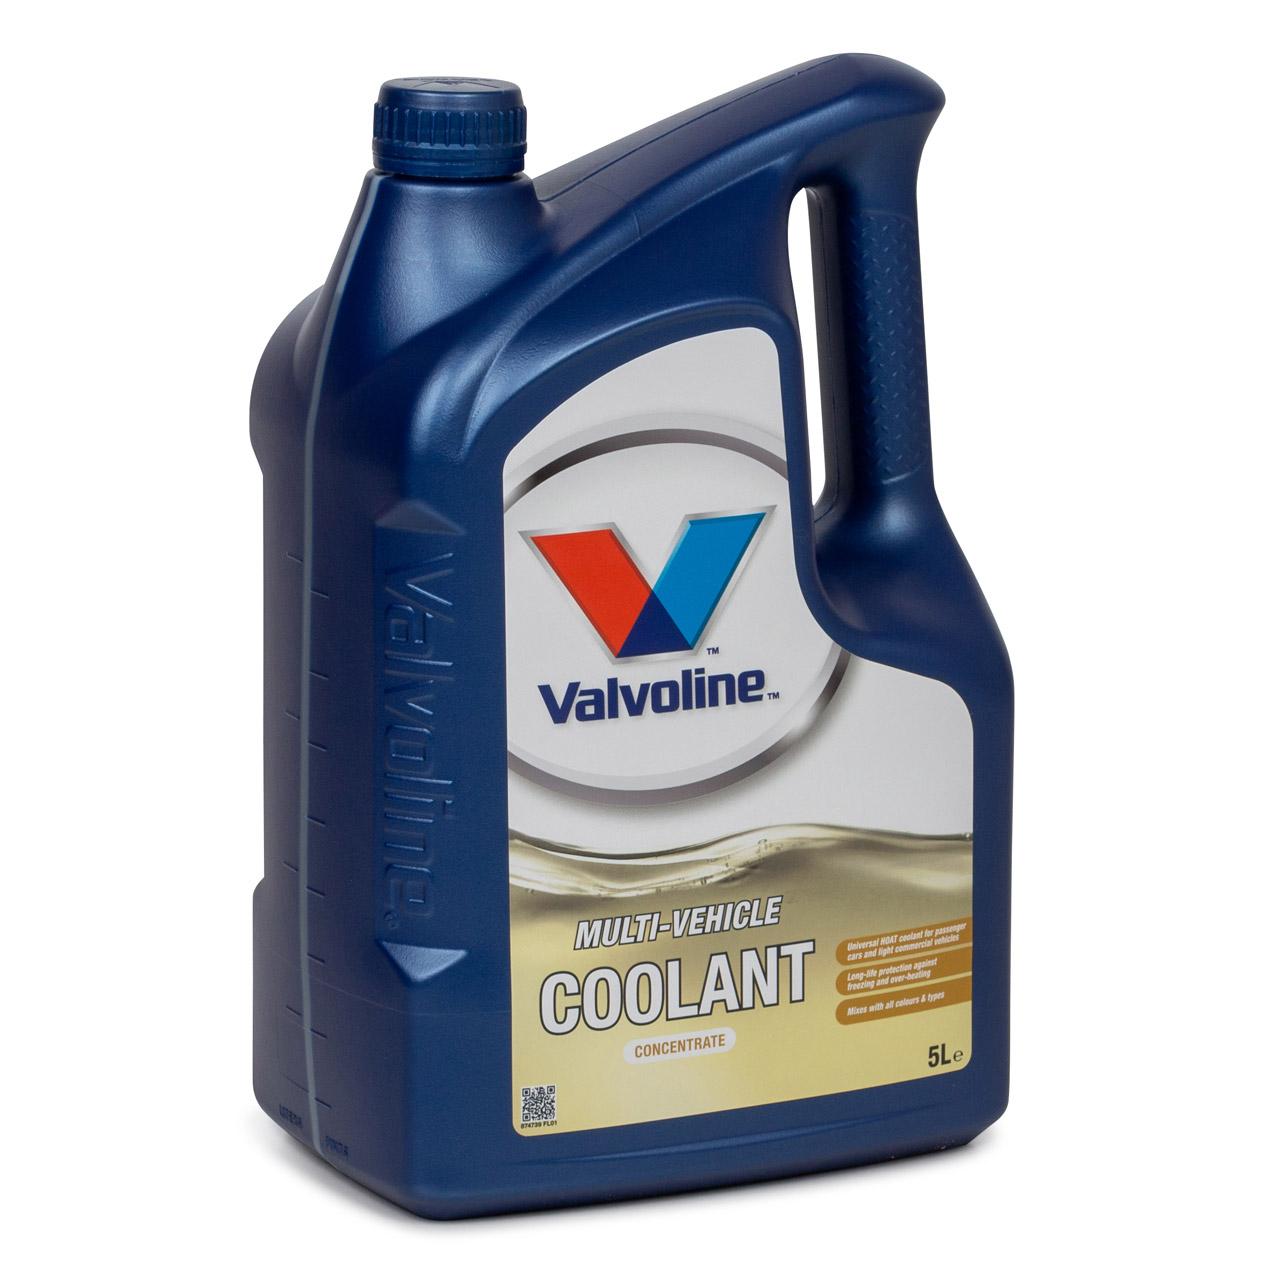 5L 5 Liter VALVOLINE Frostschutz MULTI-VEHICLE COOLANT Konzentrat